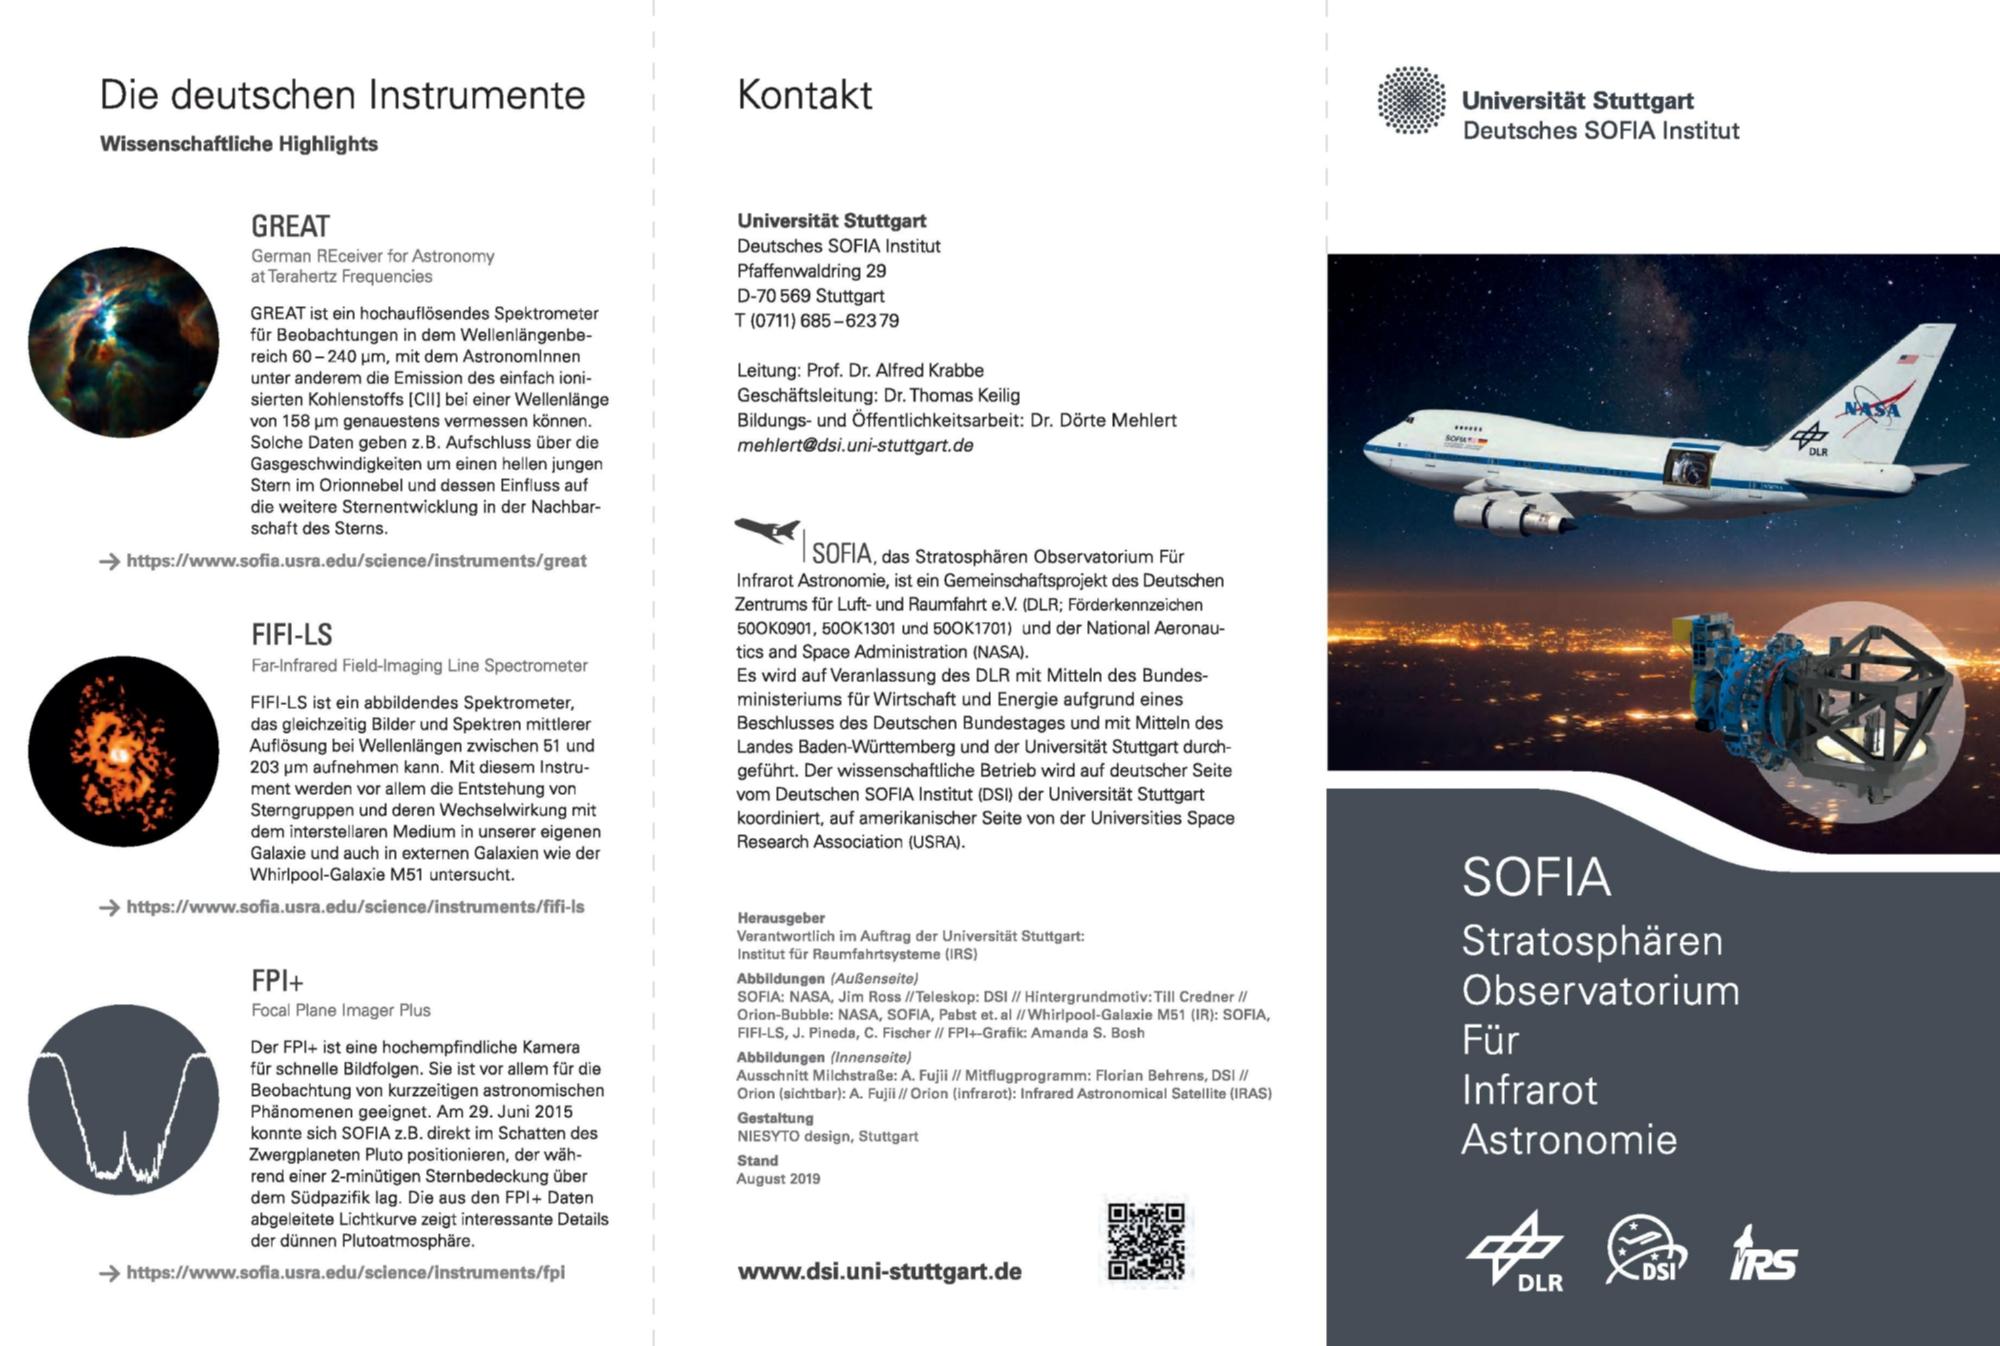 https://opencms.uni-stuttgart.de/project/dsi/img/infomaterial/faltblaetter/SOFIA-Faltblatt-8-2019-page-001.jpg